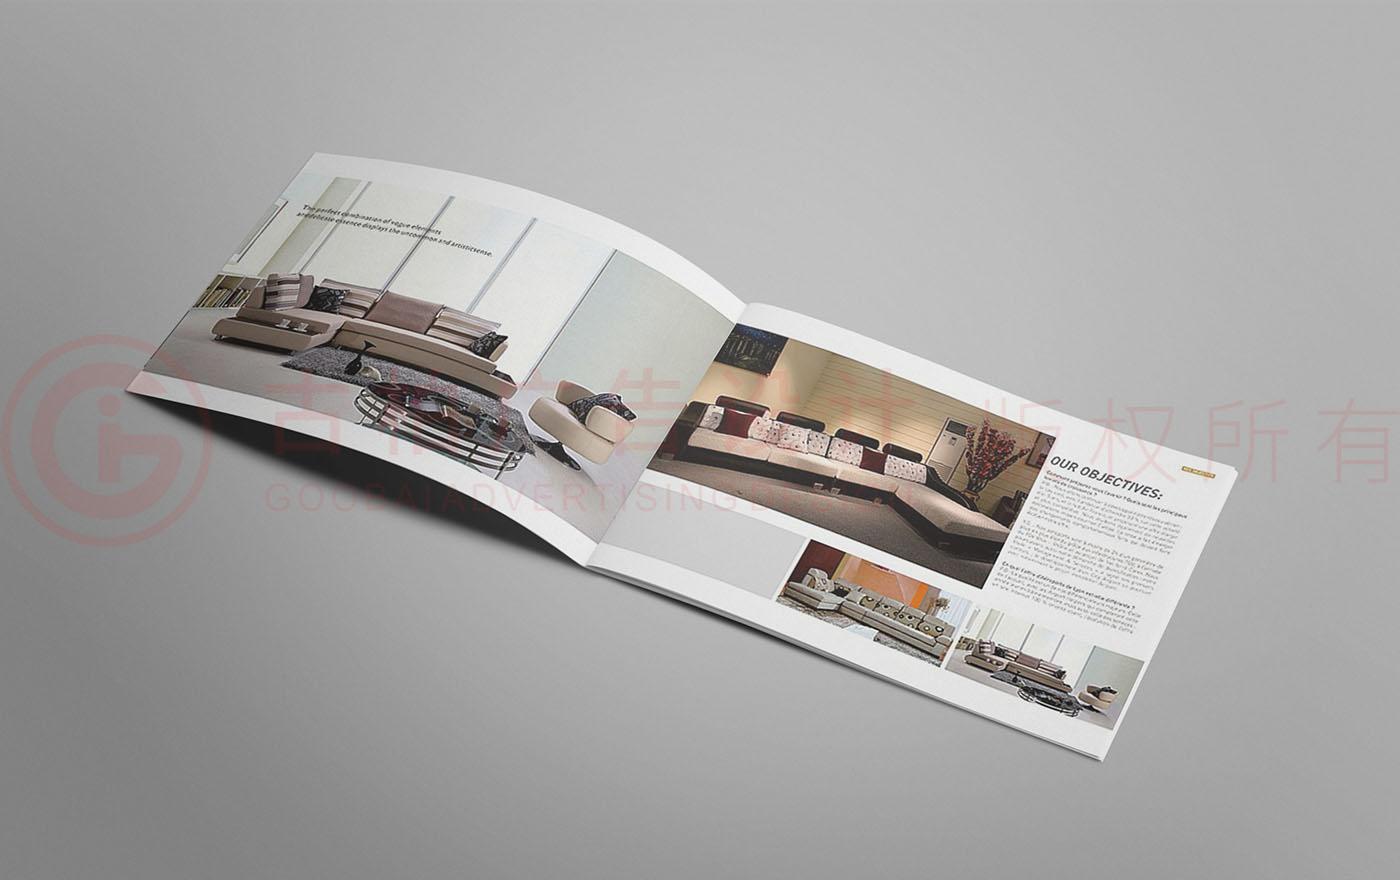 沙发家具画册设计,家具产品画册设计